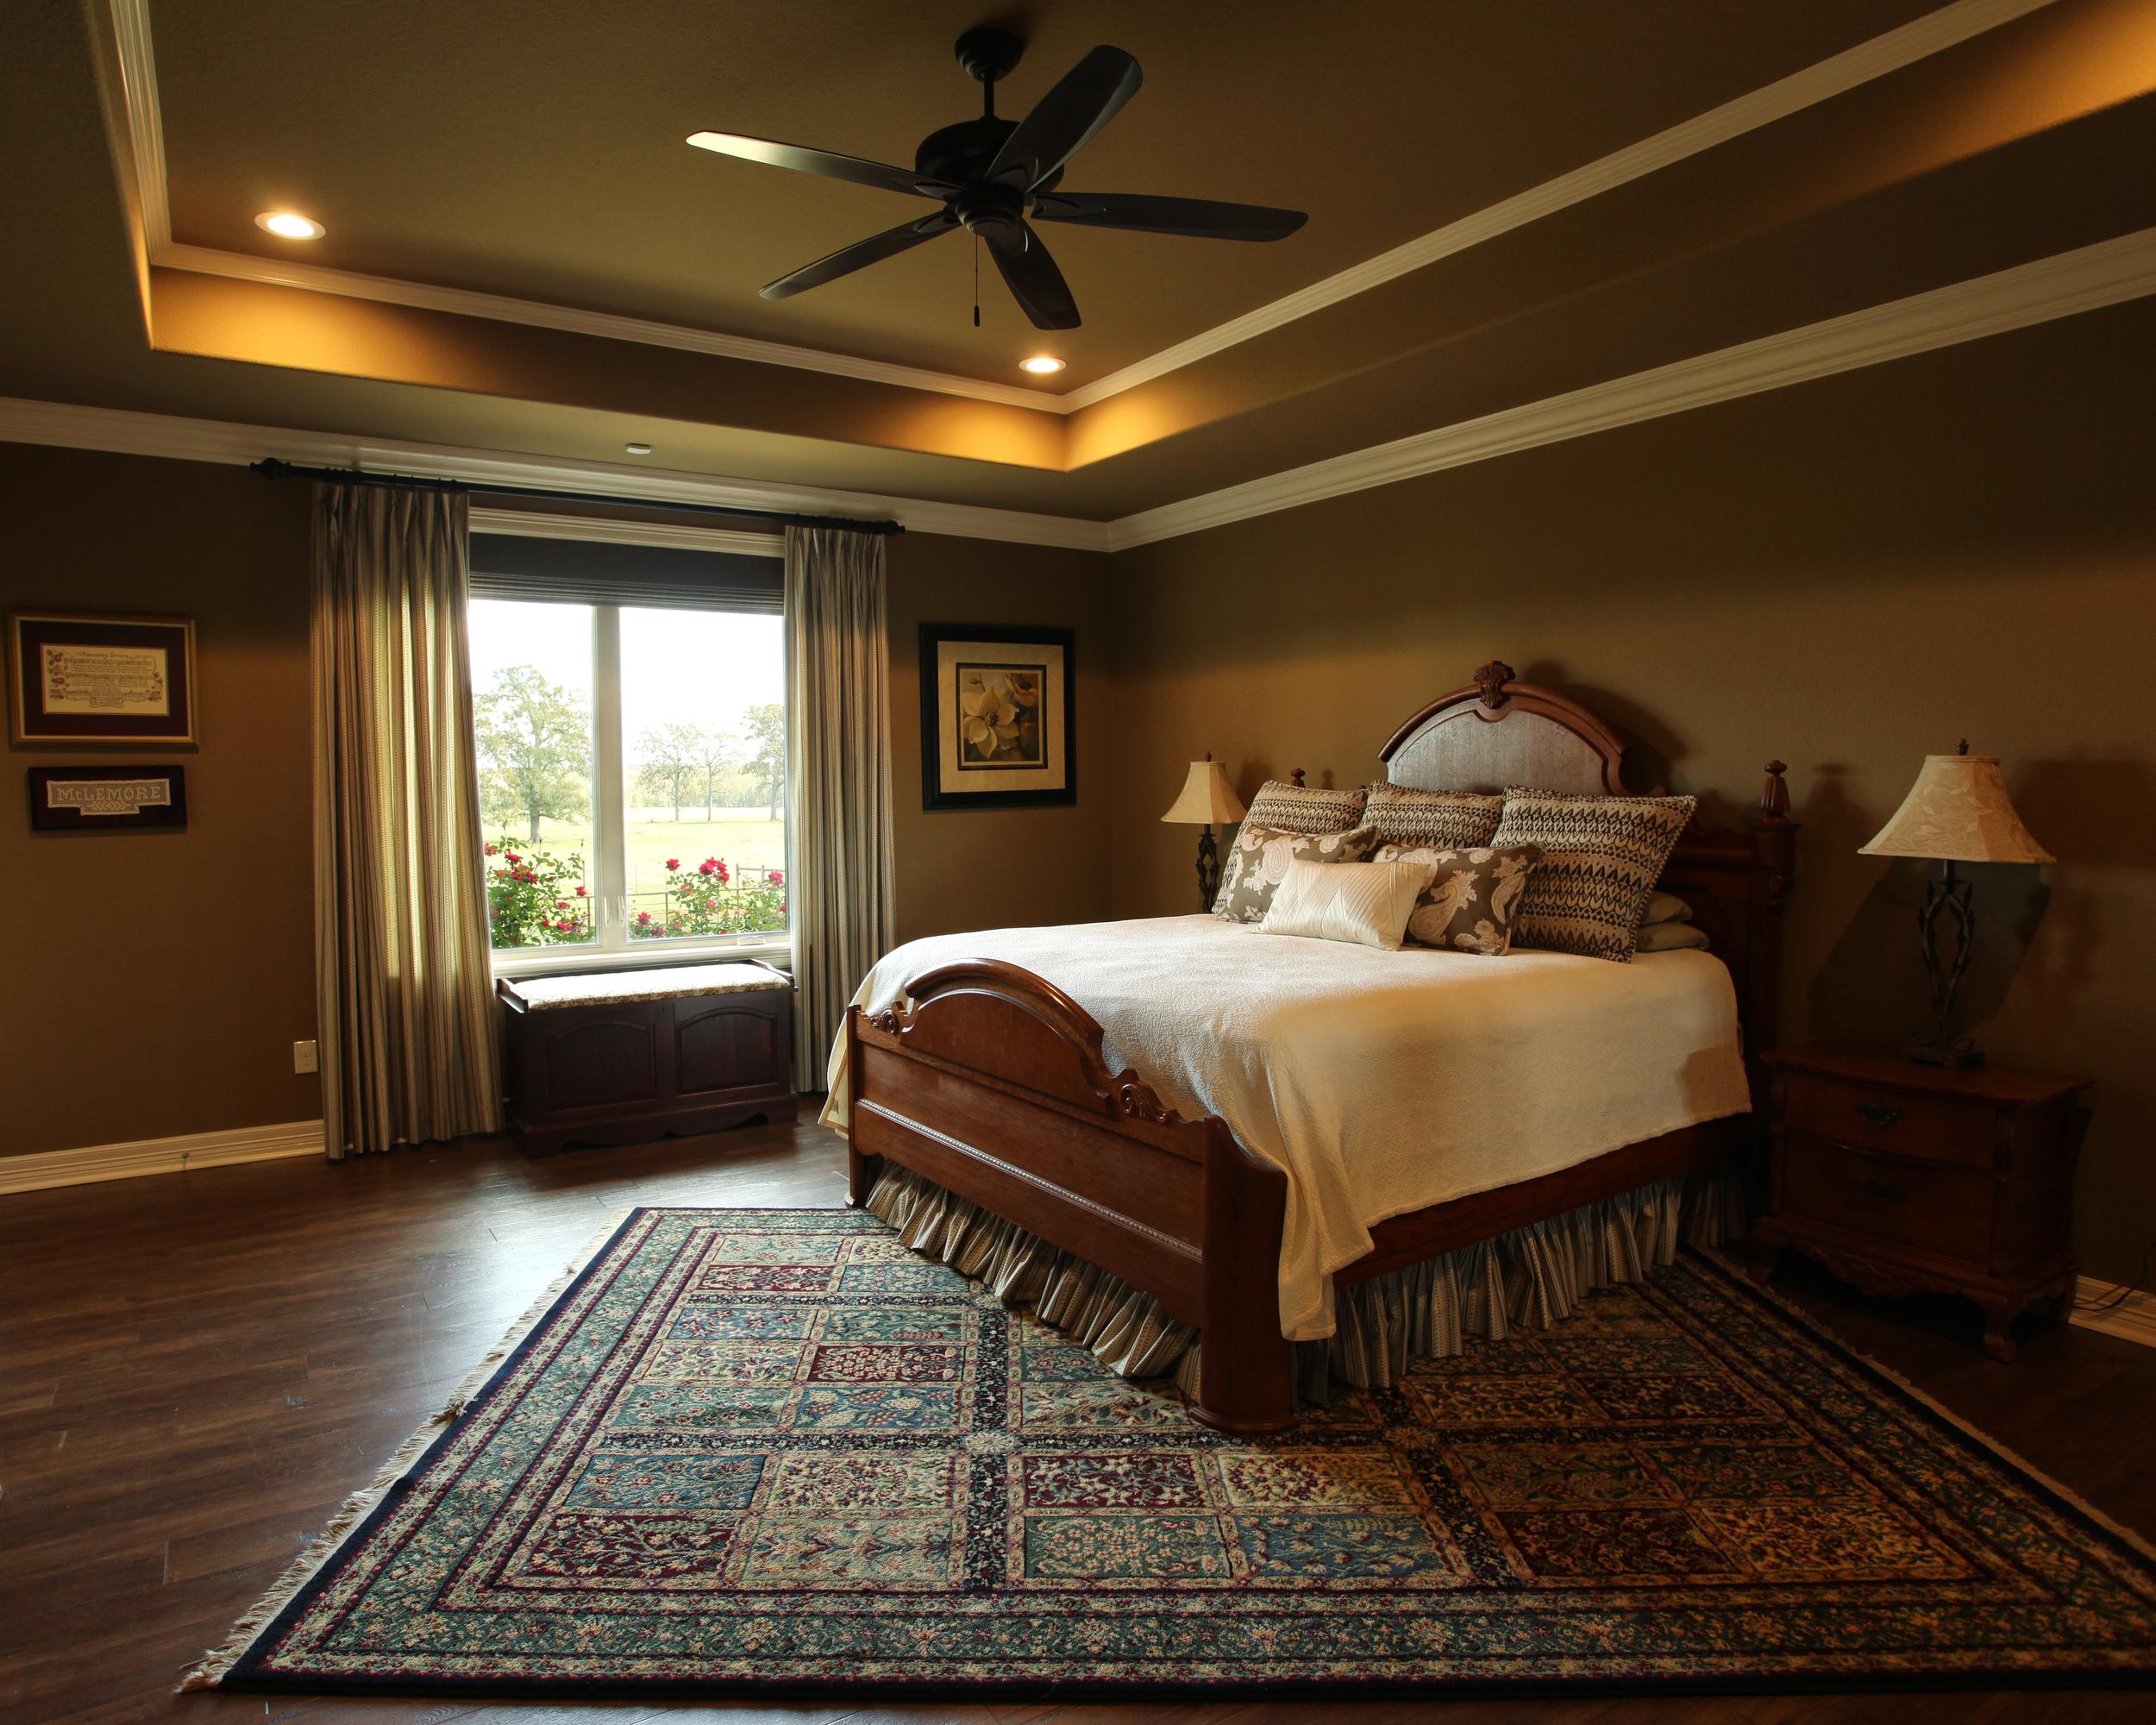 jillornelas.com/master-bedroom.jpg